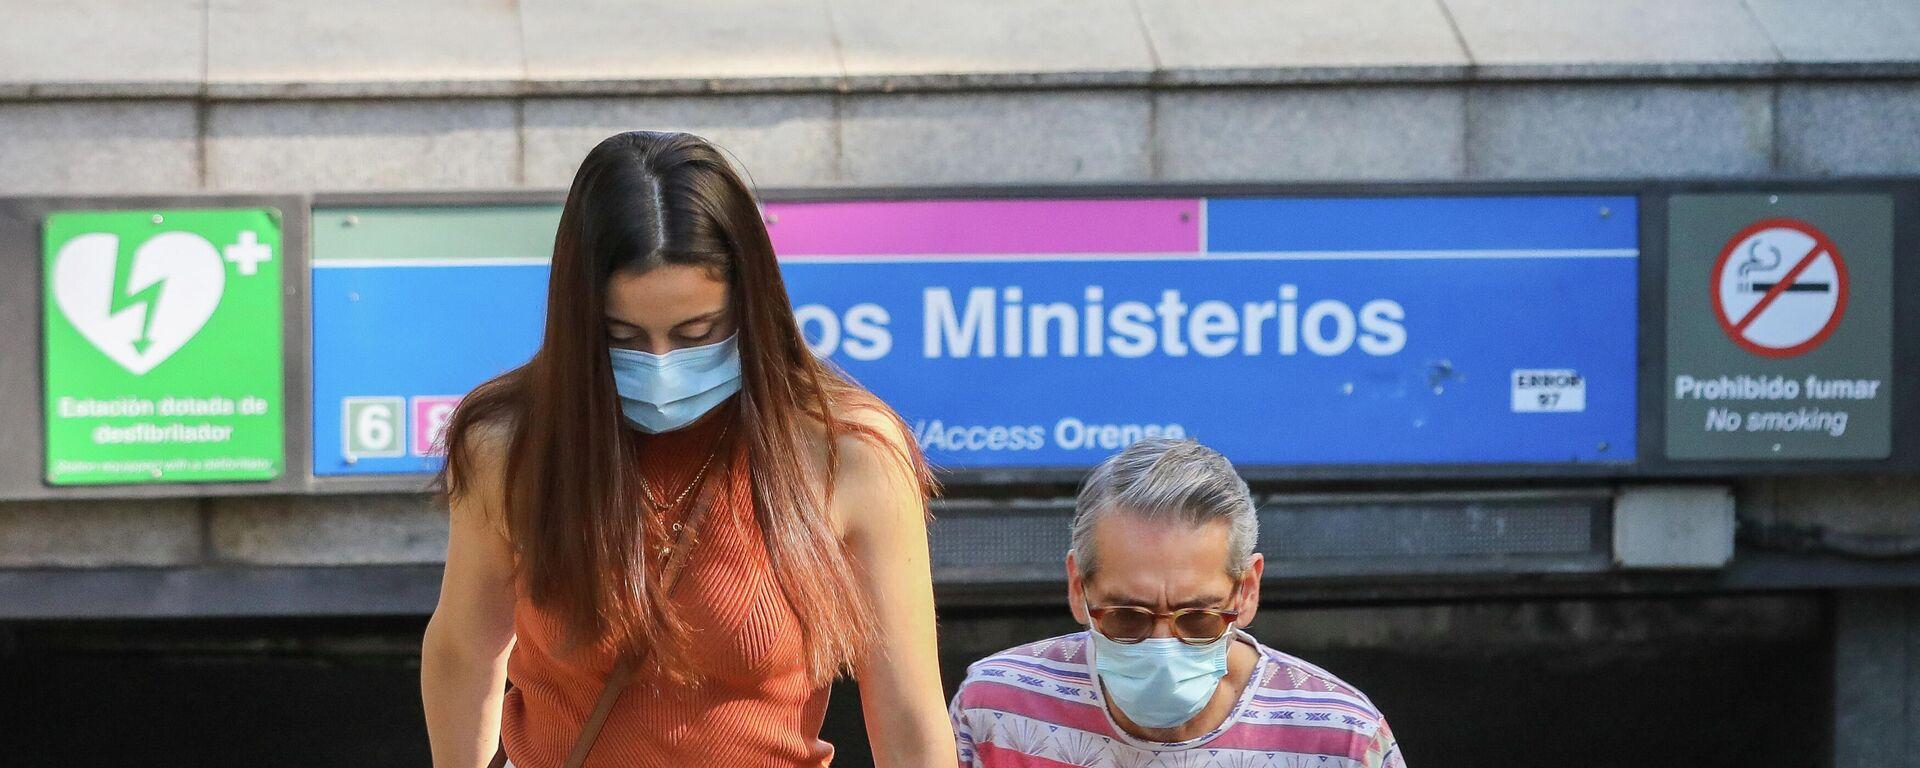 Dos personas con mascarillas durante el brote del coronavirus en España - Sputnik Mundo, 1920, 17.09.2021